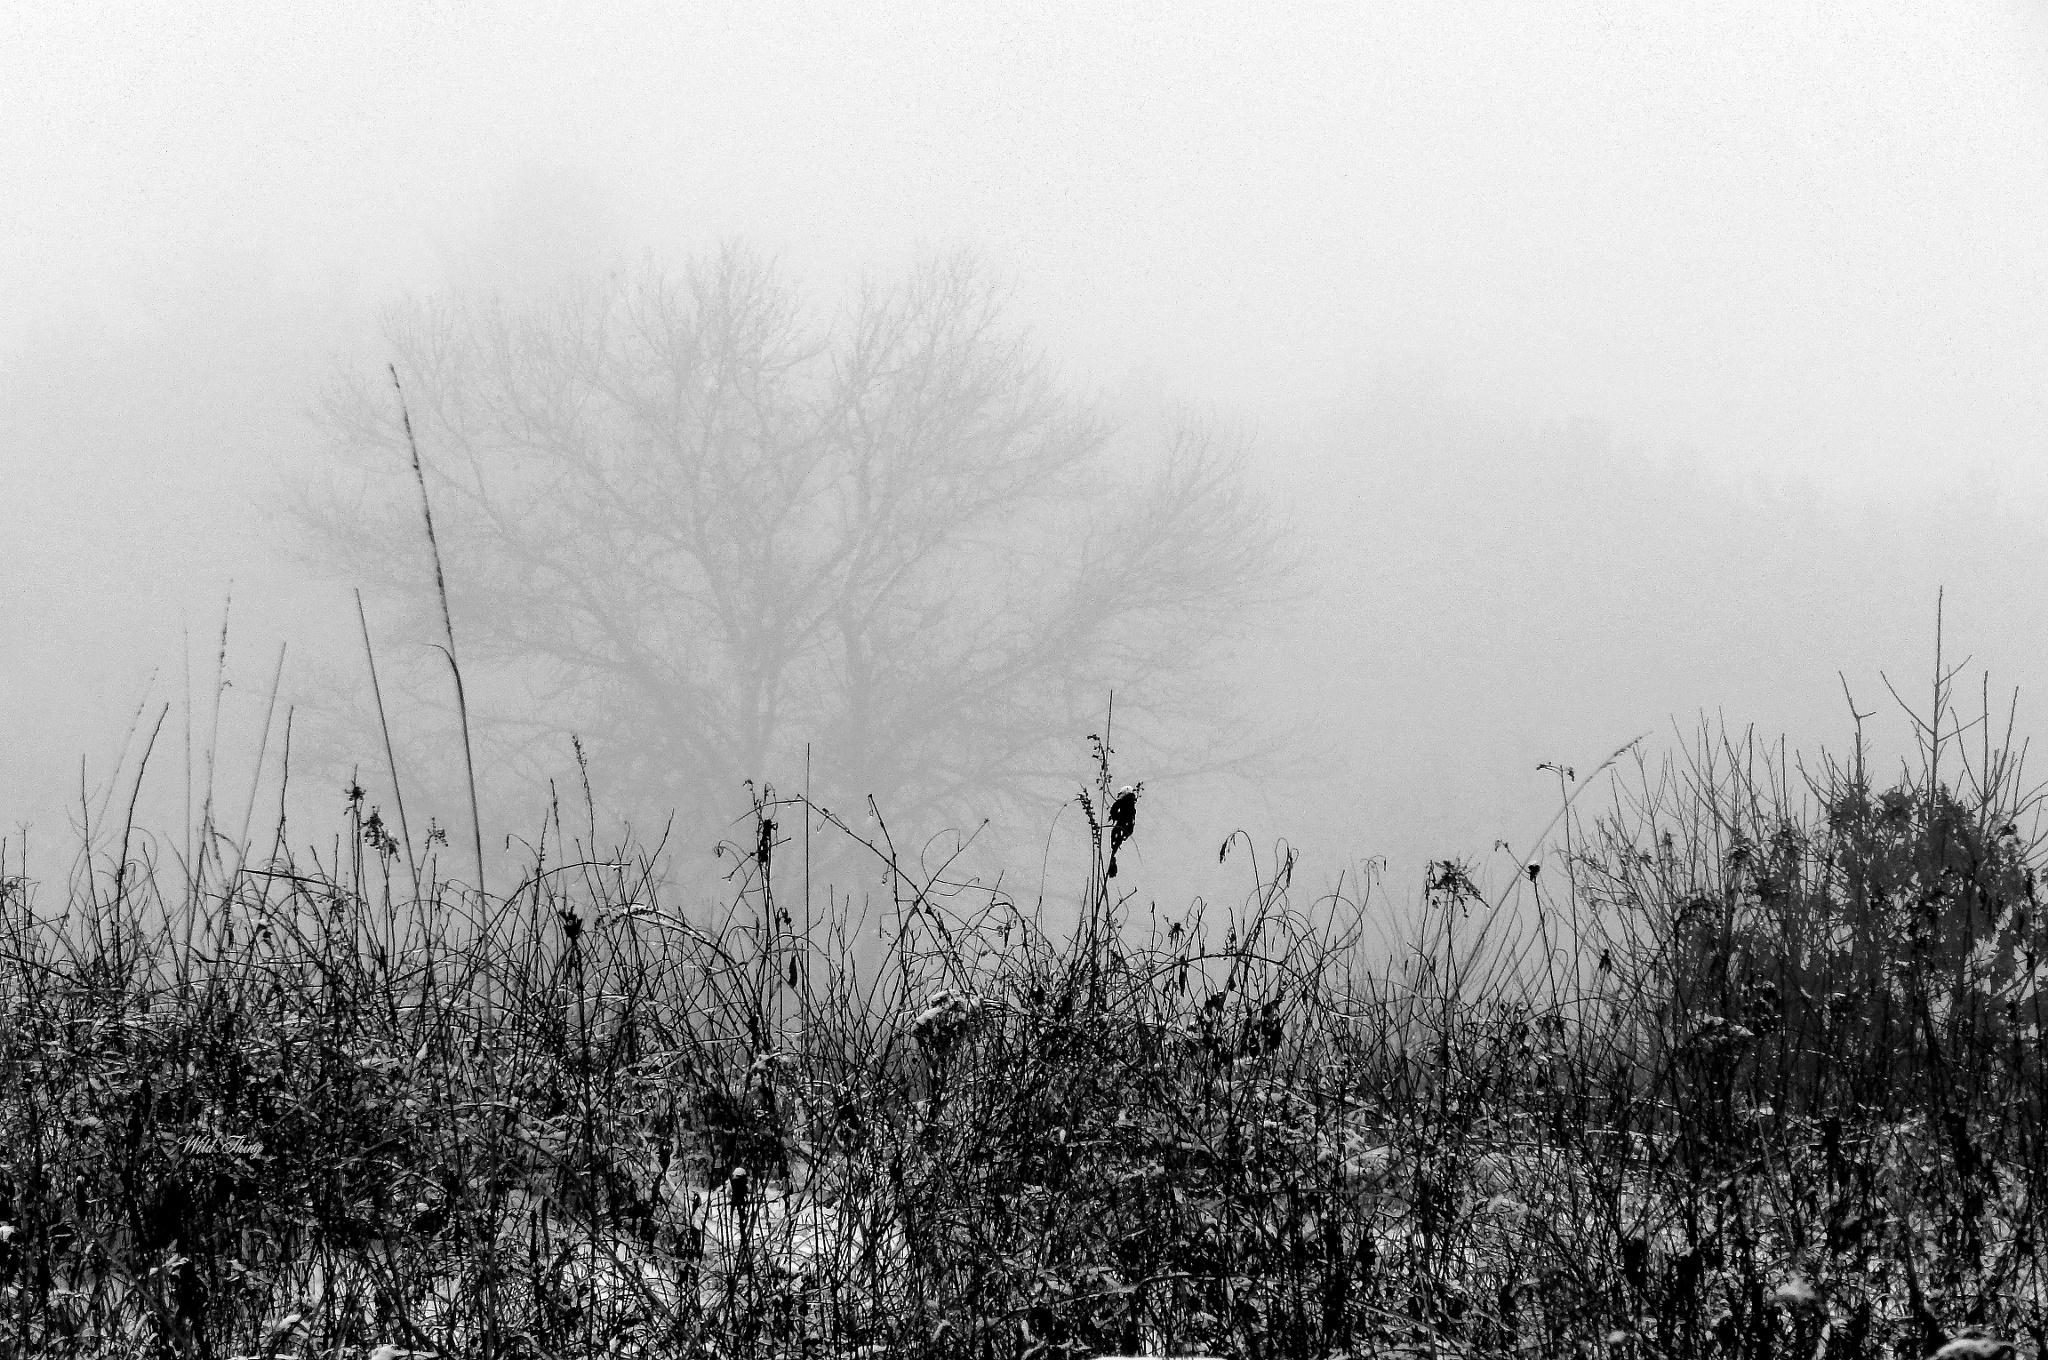 A Winter's Day by աﻨlժ էհﻨռց